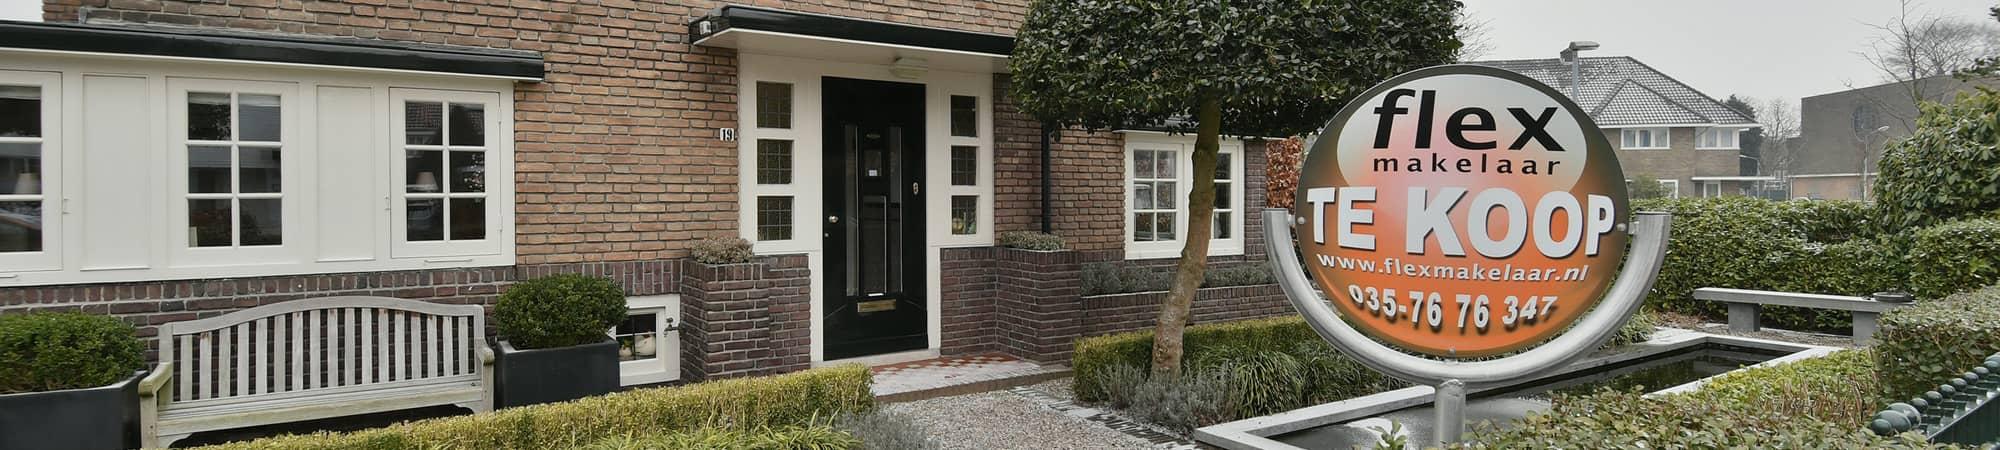 Makelaar Hilversum